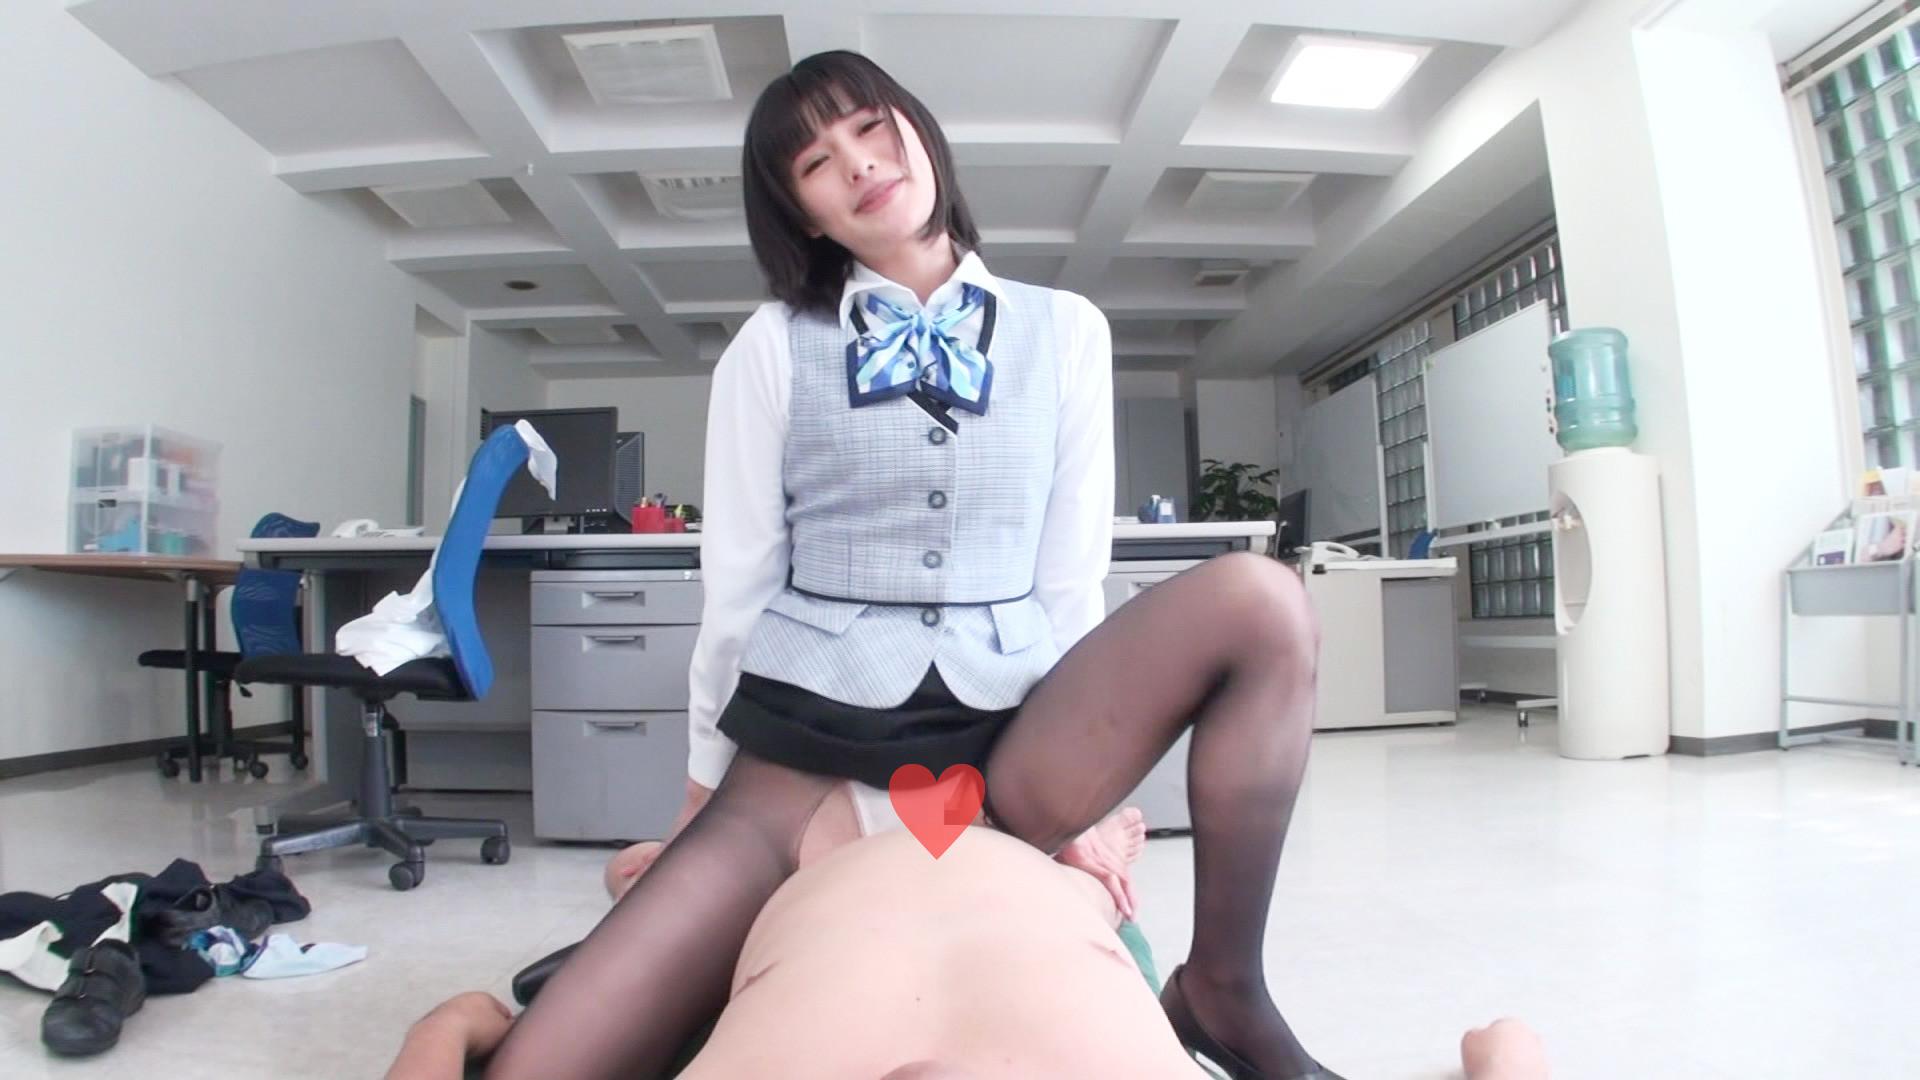 美人OLを呼び出して普段は同僚たちのいる職場で二人だけの秘密のセックスをしまくりましたぁ!